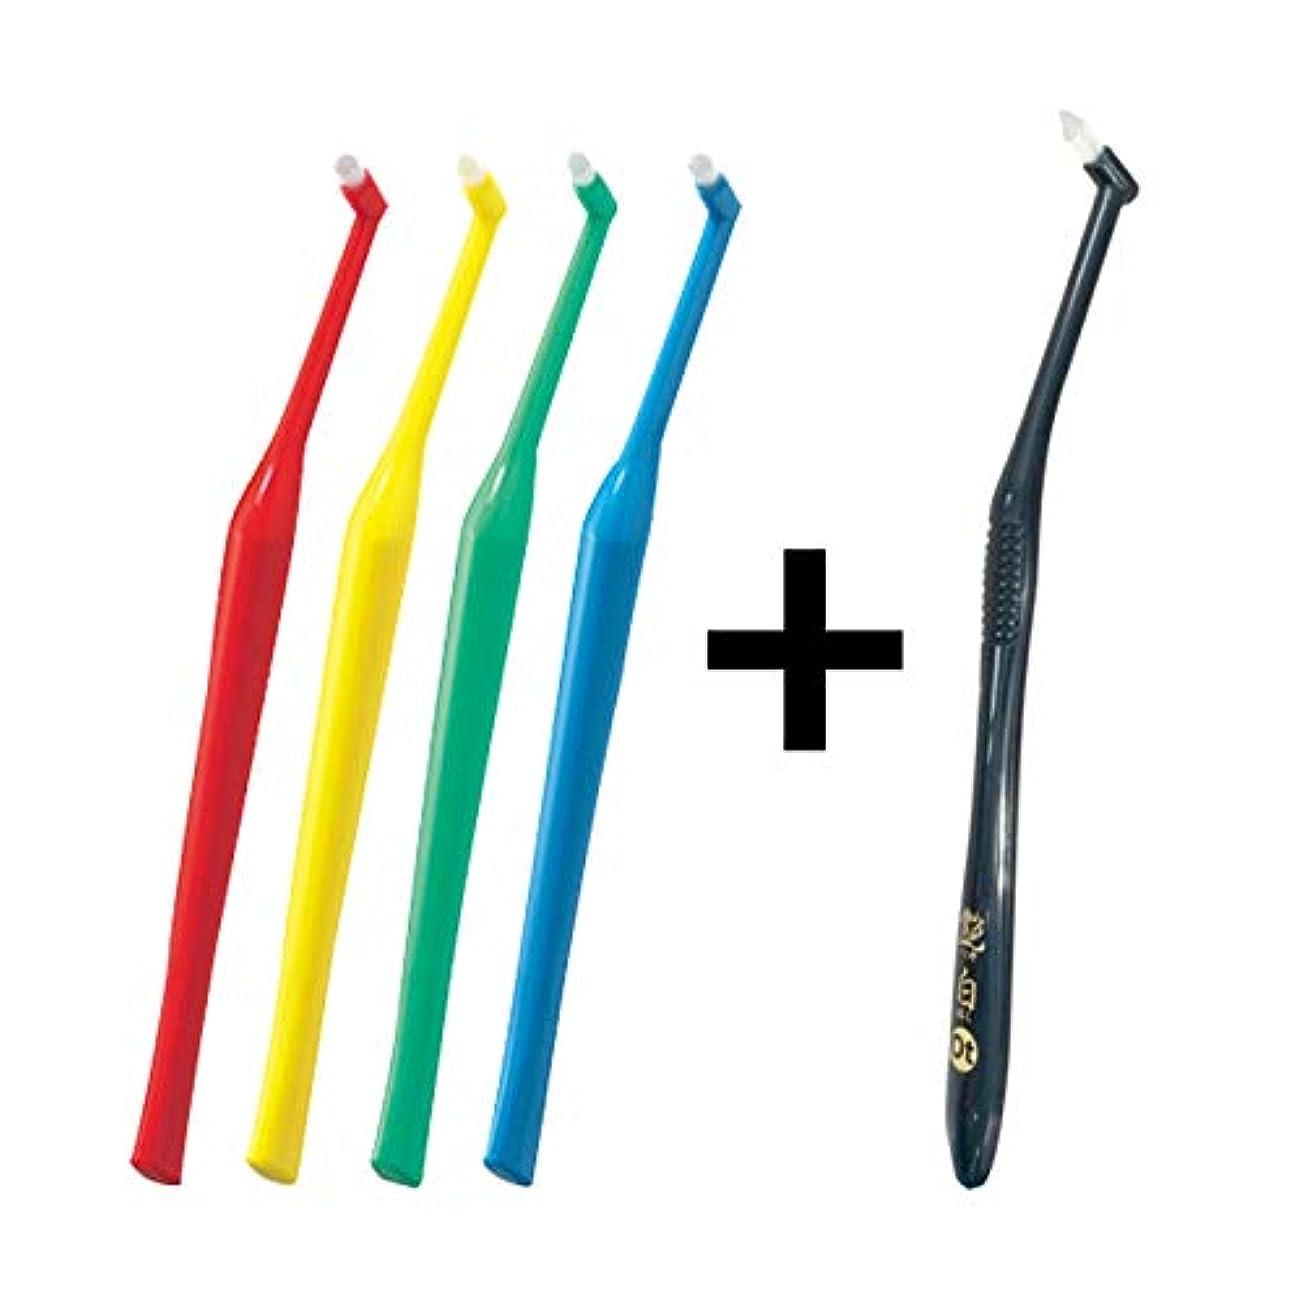 燃やすドロー在庫プラウト Plaut × 4本 アソート (MS(ミディアムソフト))+艶白 ワンタフト 歯ブラシ 1本 MS(やややわらかめ) オーラルケア ポイントブラシ 歯科専売品